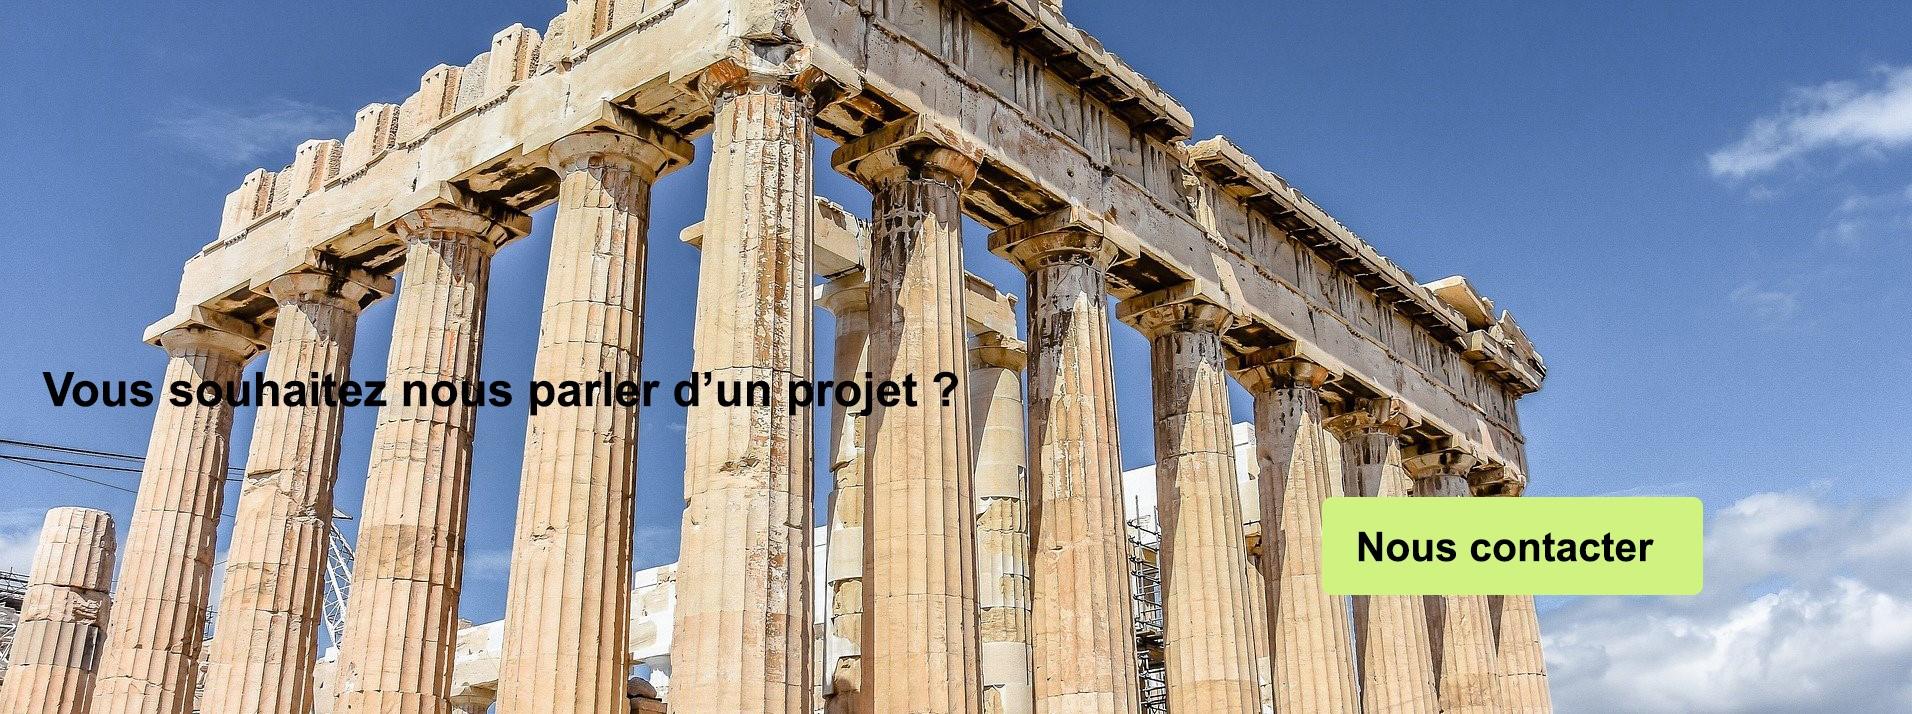 Archéologie, vous souhaitez nous parler d'un projet ?